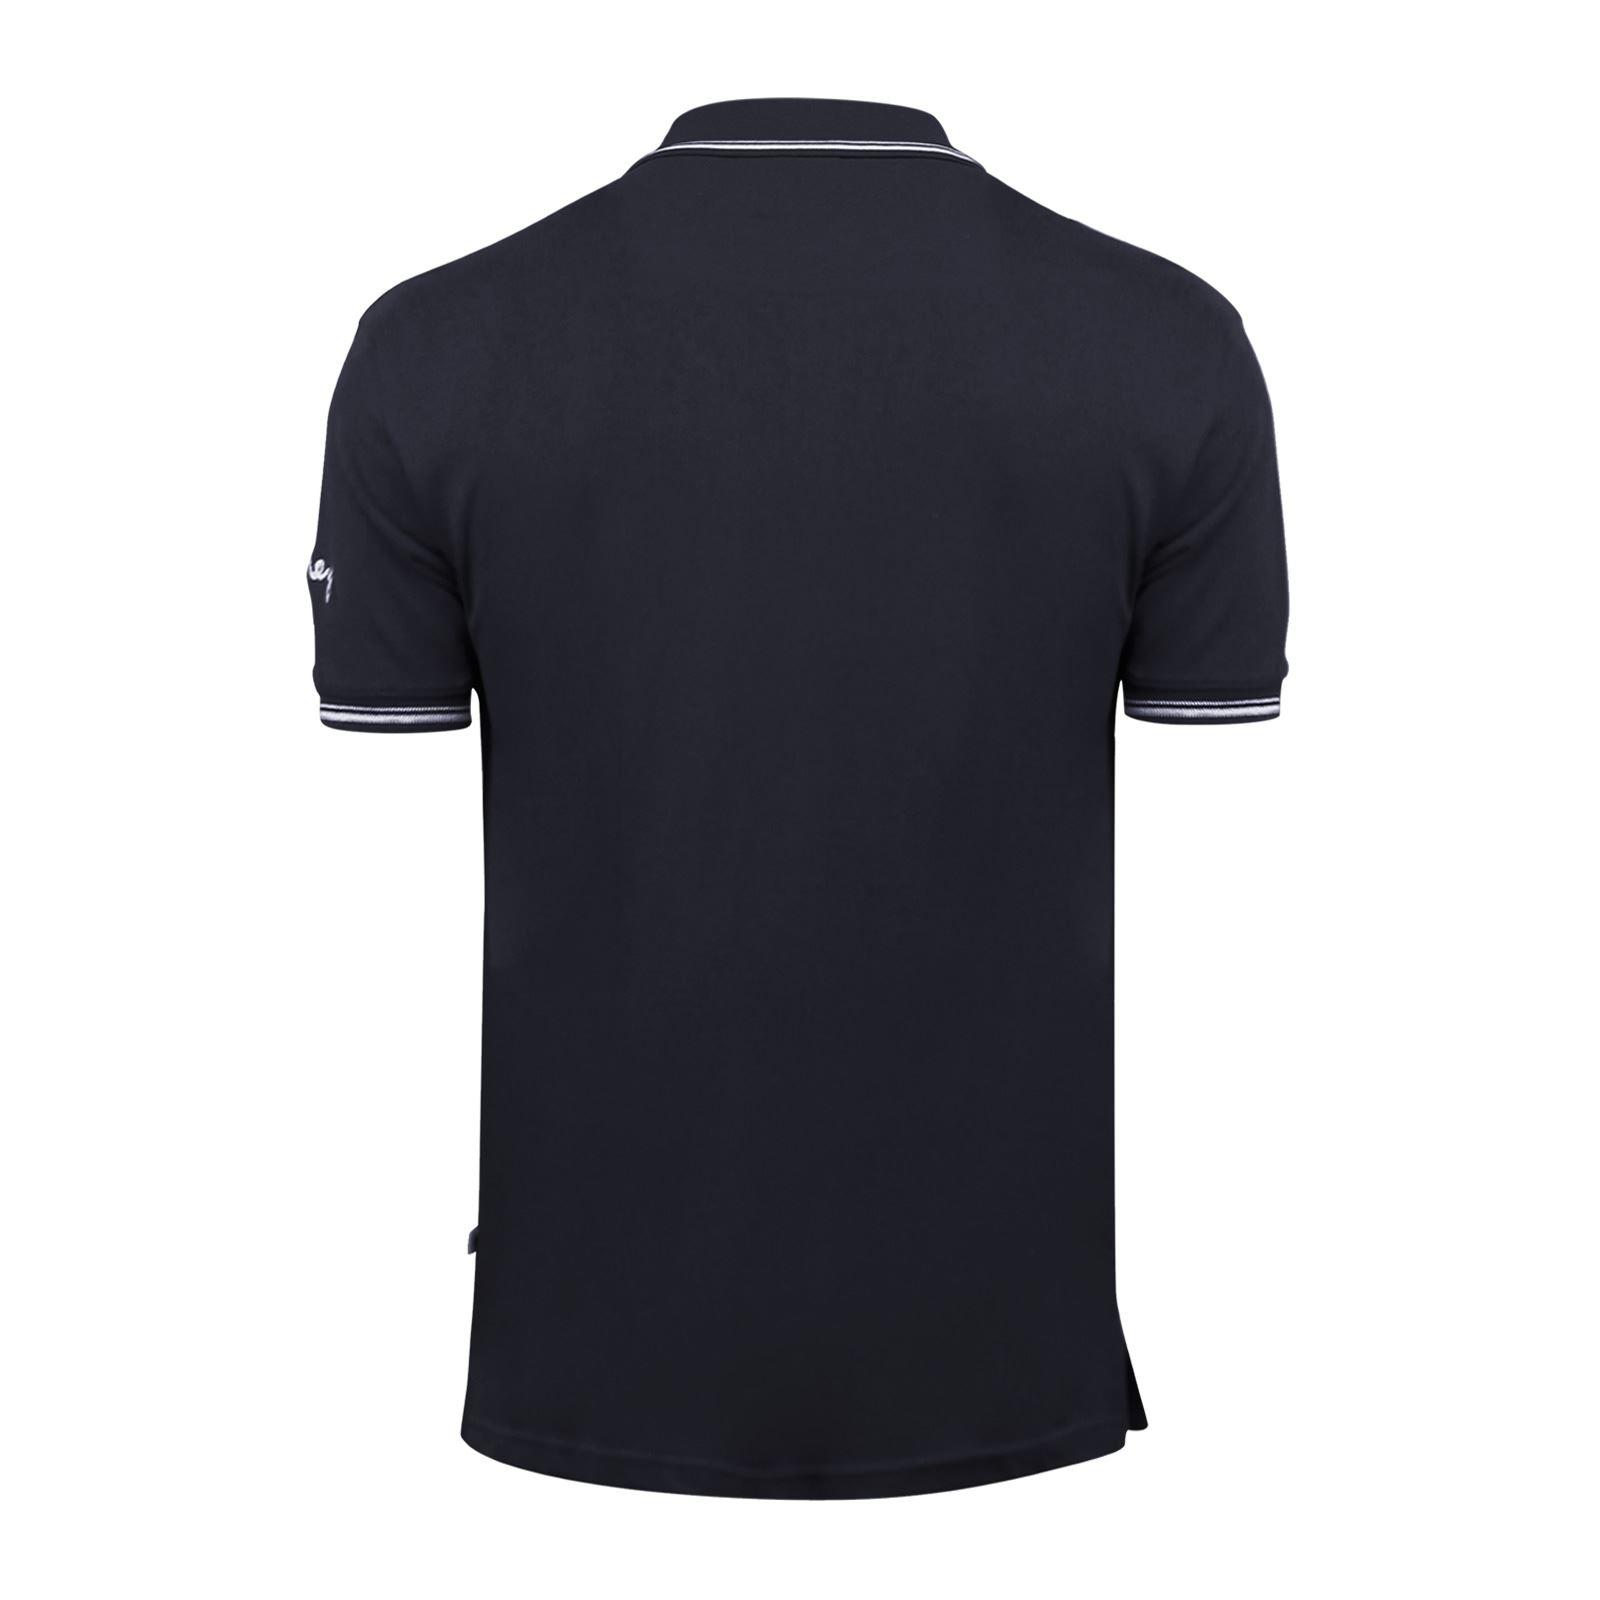 Argent-Comp-pour-Homme-Polo-Shirt-a-Manches-Courtes-en-Coton-Col-Haut-Decontracte miniature 11